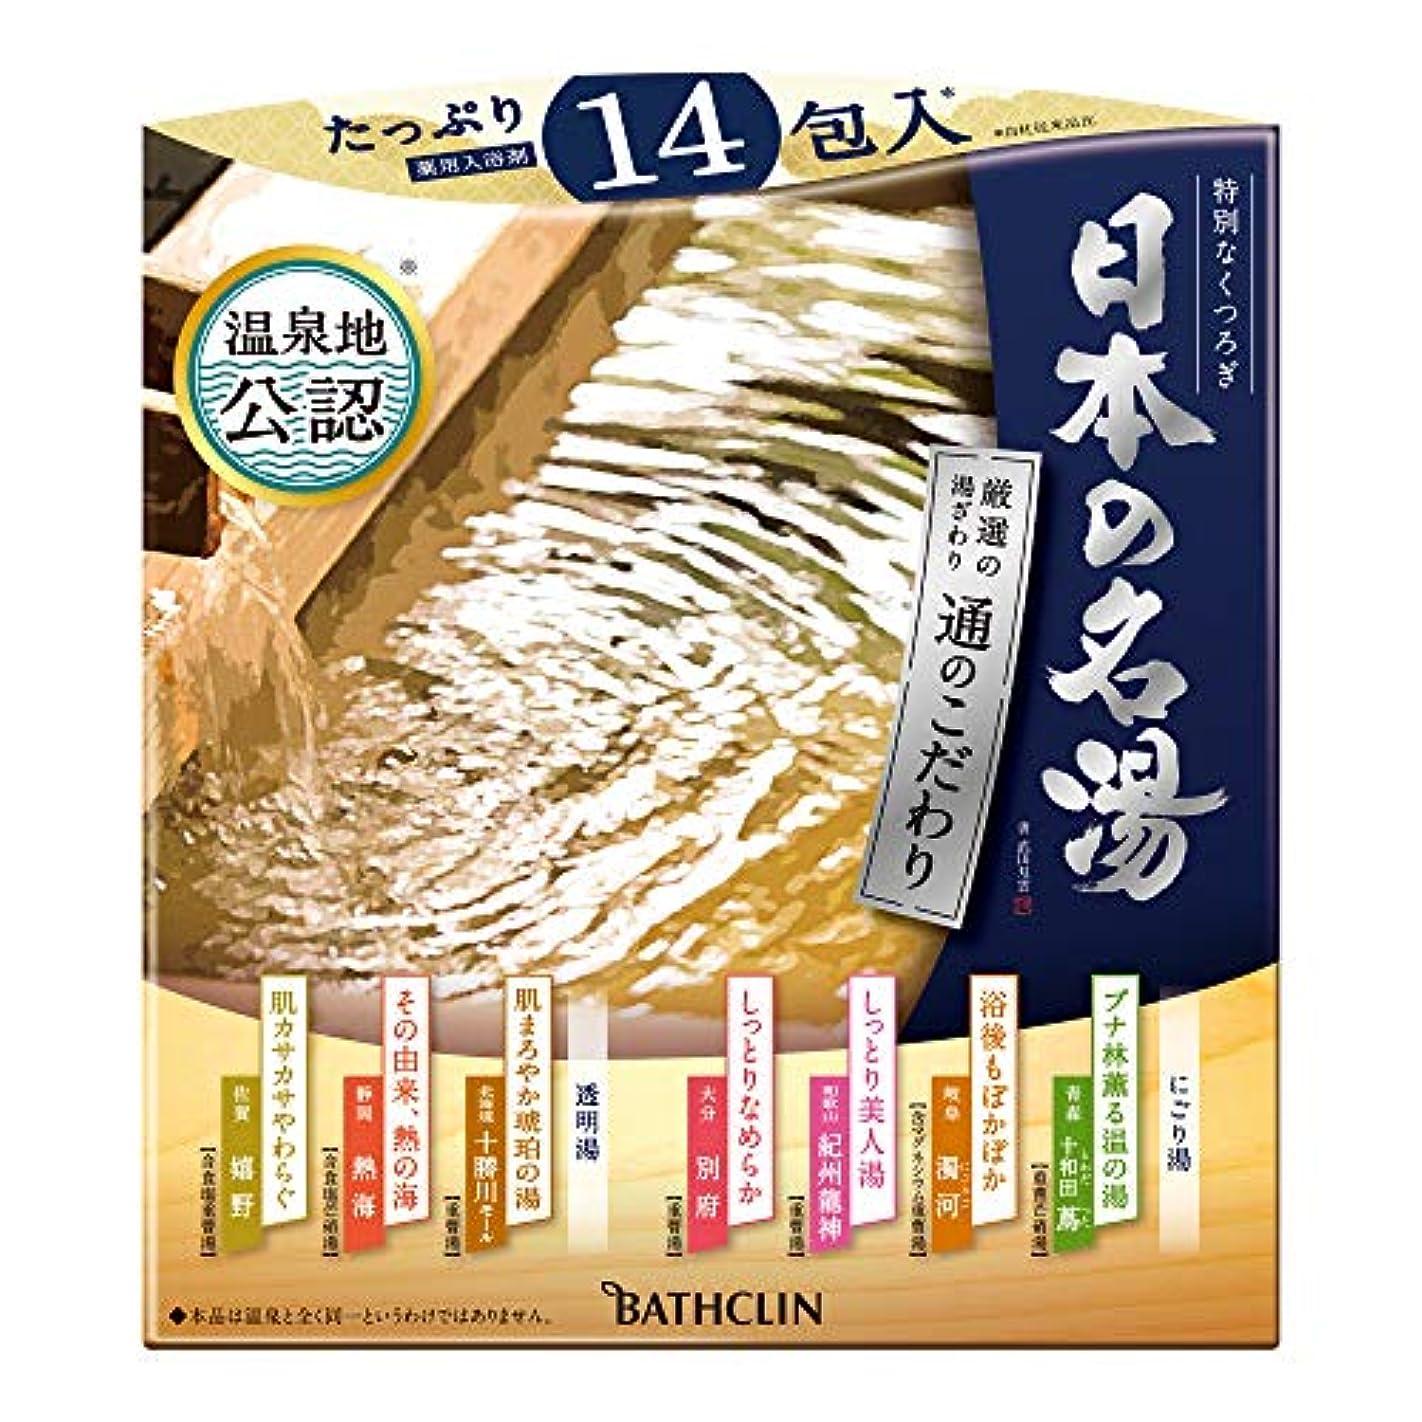 エネルギー写真の南アメリカ【医薬部外品】バスクリン 日本の名湯 入浴剤 通のこだわり 30g×14包 個包装詰め合わせ 温泉タイプ